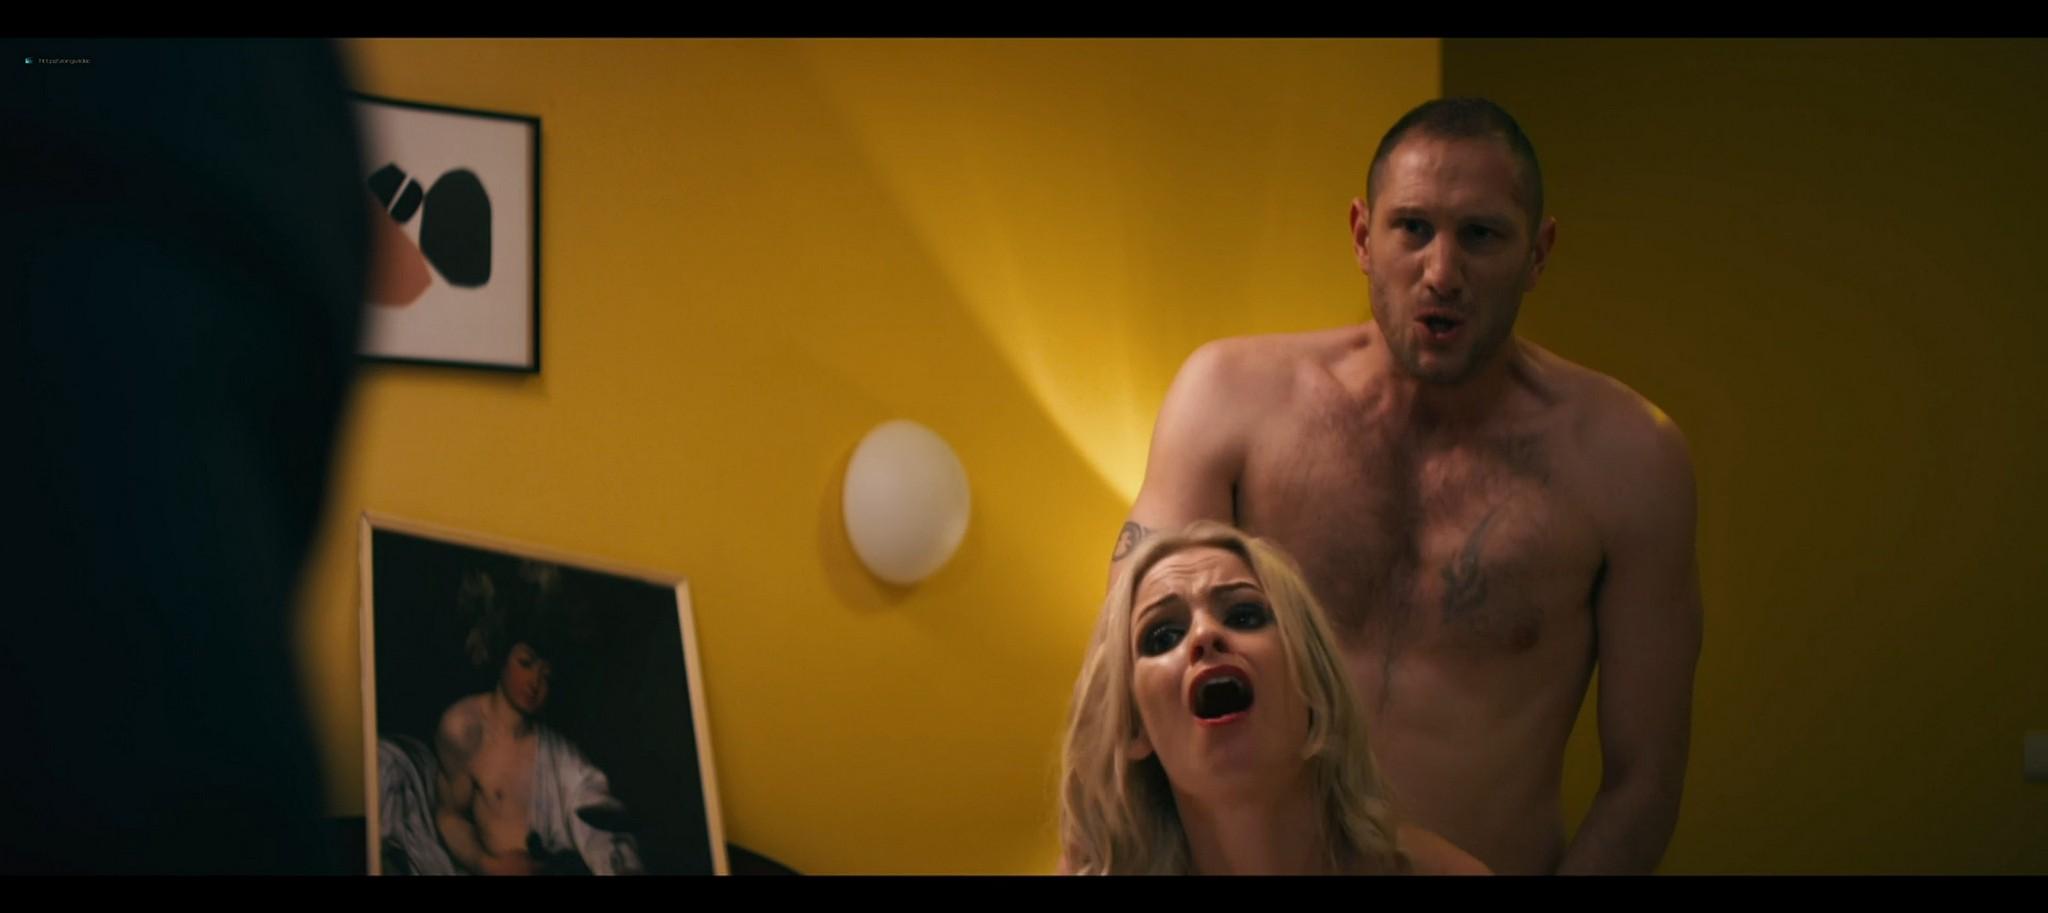 Michelle J Wright nude and sex Gabriela Brinza nude sex Introspectum Motel 2021 1080p Web 14